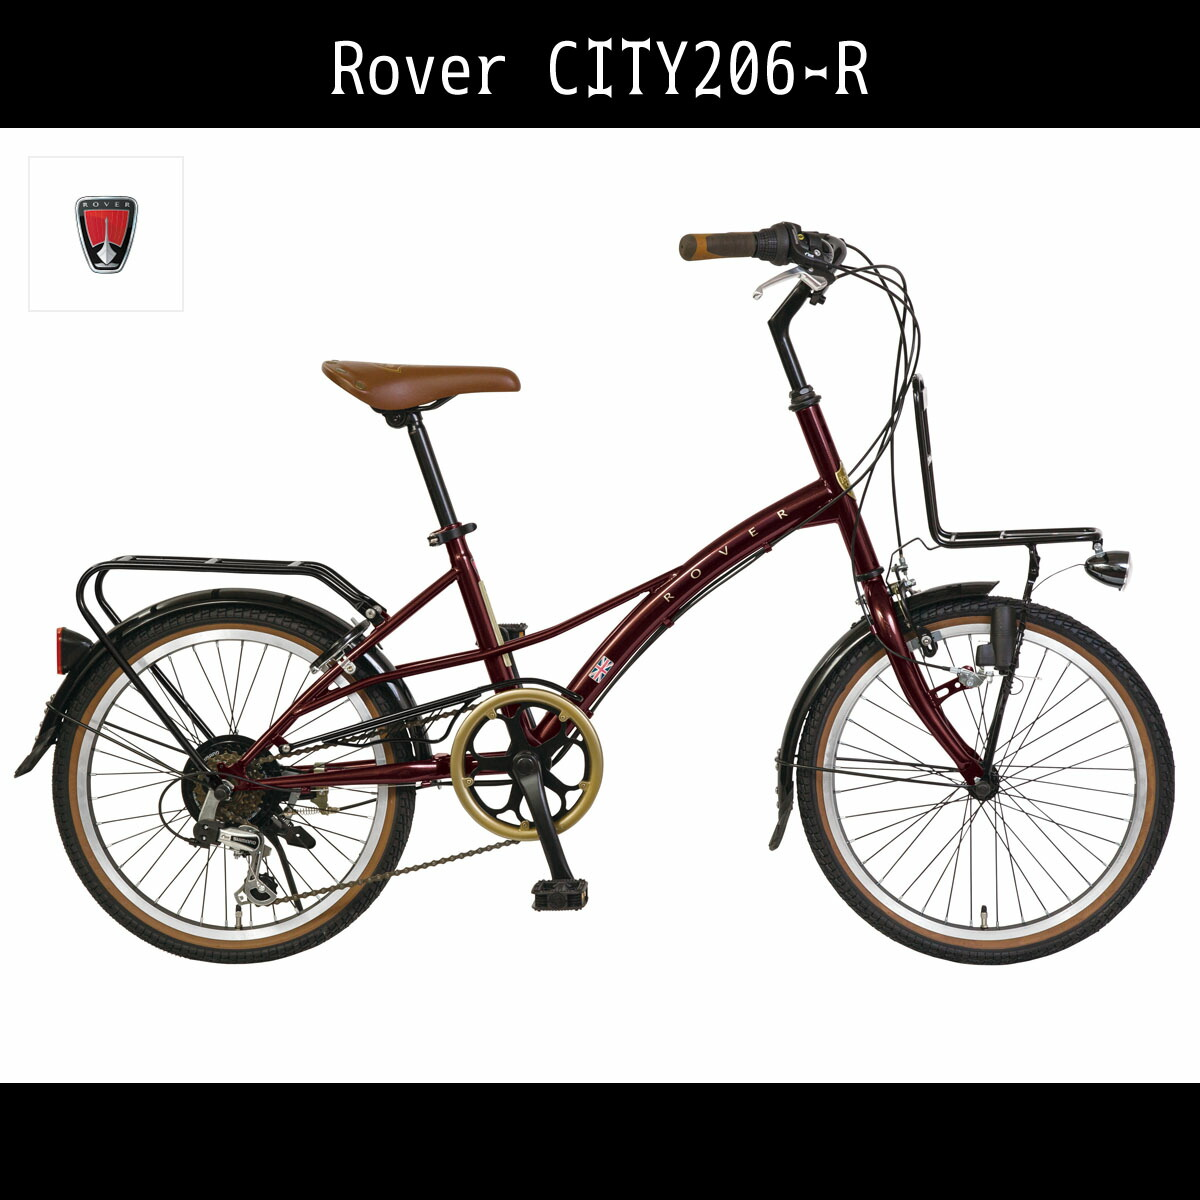 ミニベロ ローバー 自転車 小径車 20インチ ミニベロ 外装6段変速ギア LEDライト 鍵付き レッド/赤 Rover 自転車 CITY206-R